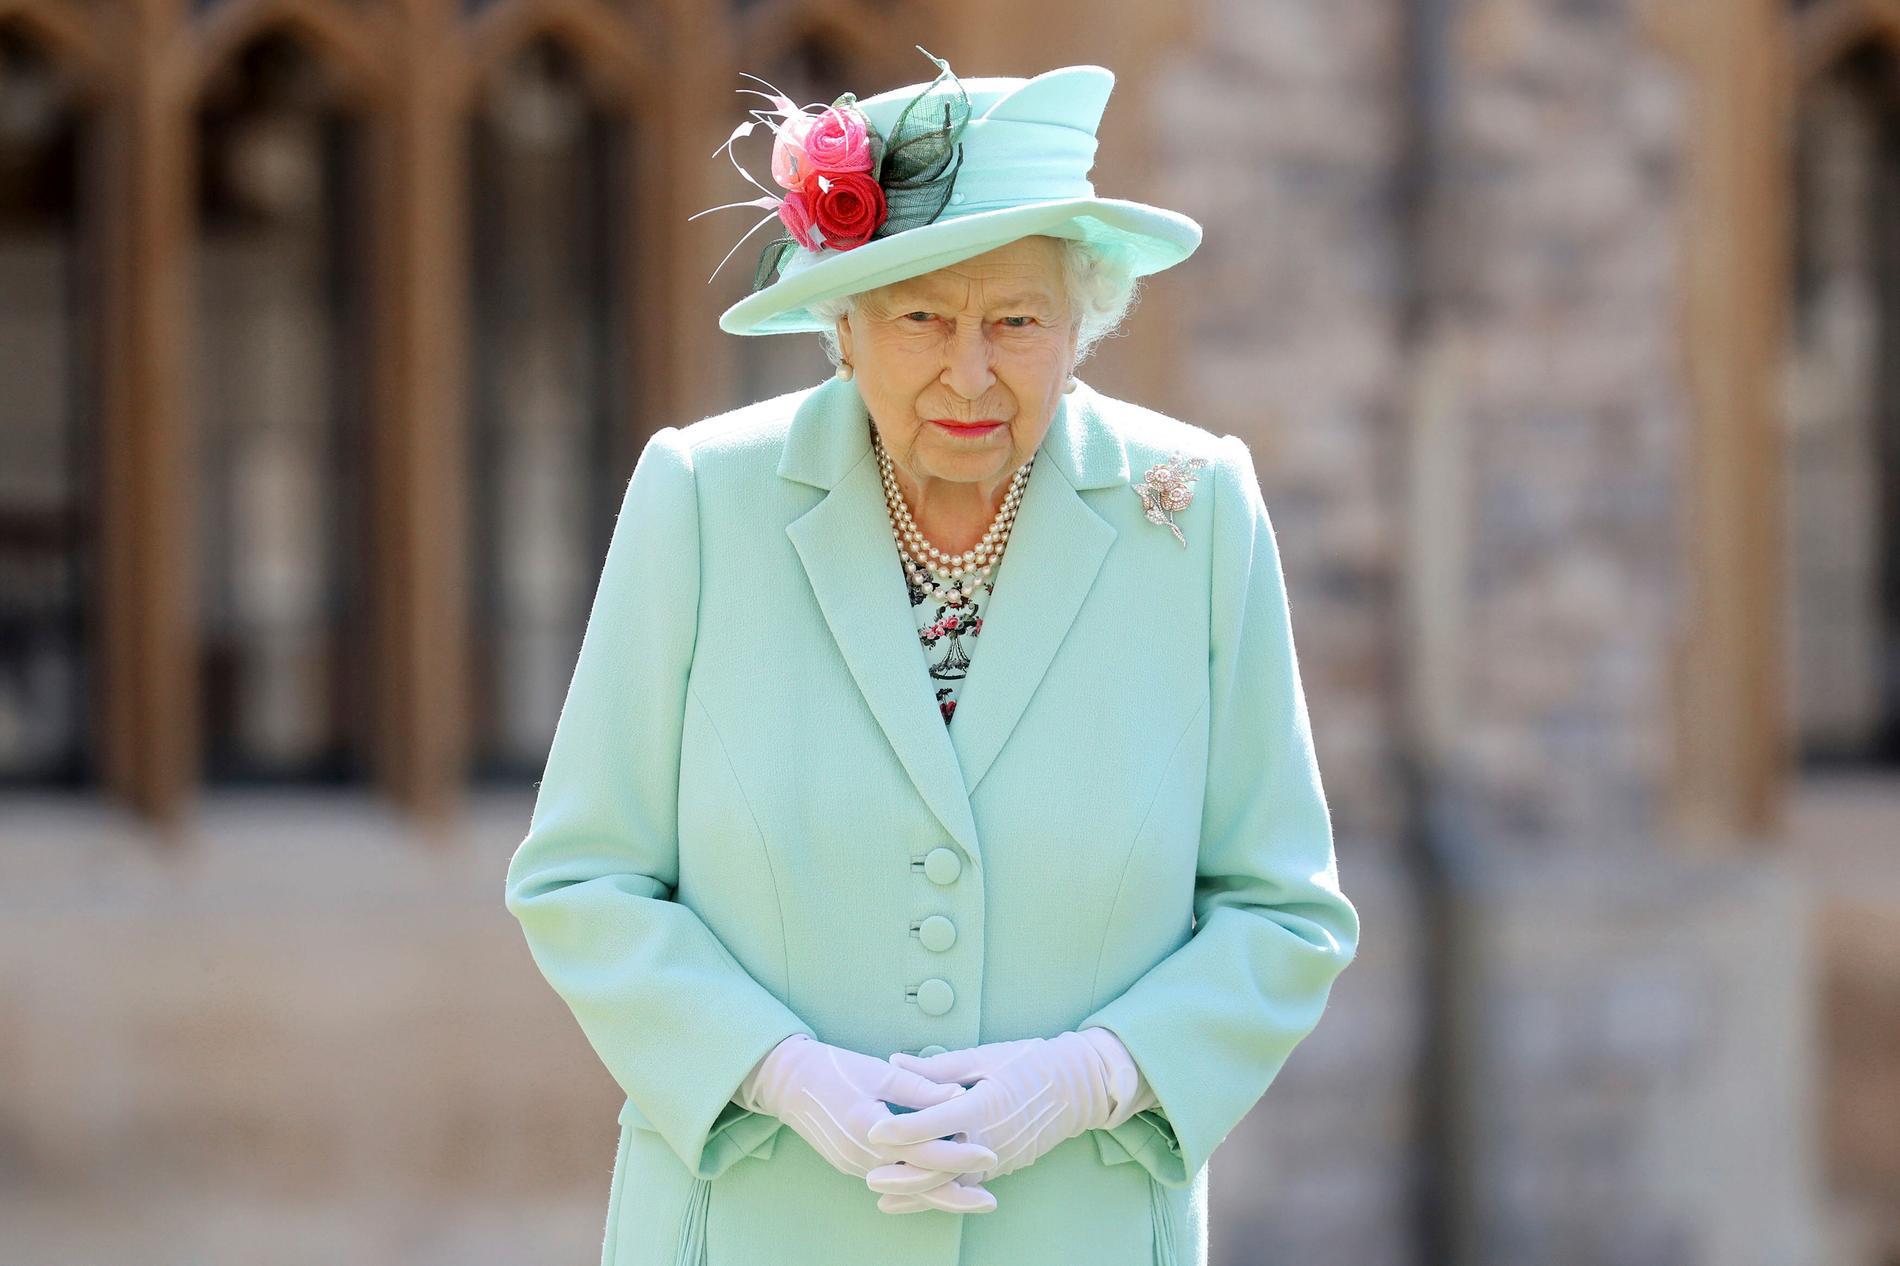 Drottning Elizabeth befann sig i karantän under våren. Buckingham Palace kommer användas mer sparsamt under hösten, meddelar brittiska hovet.